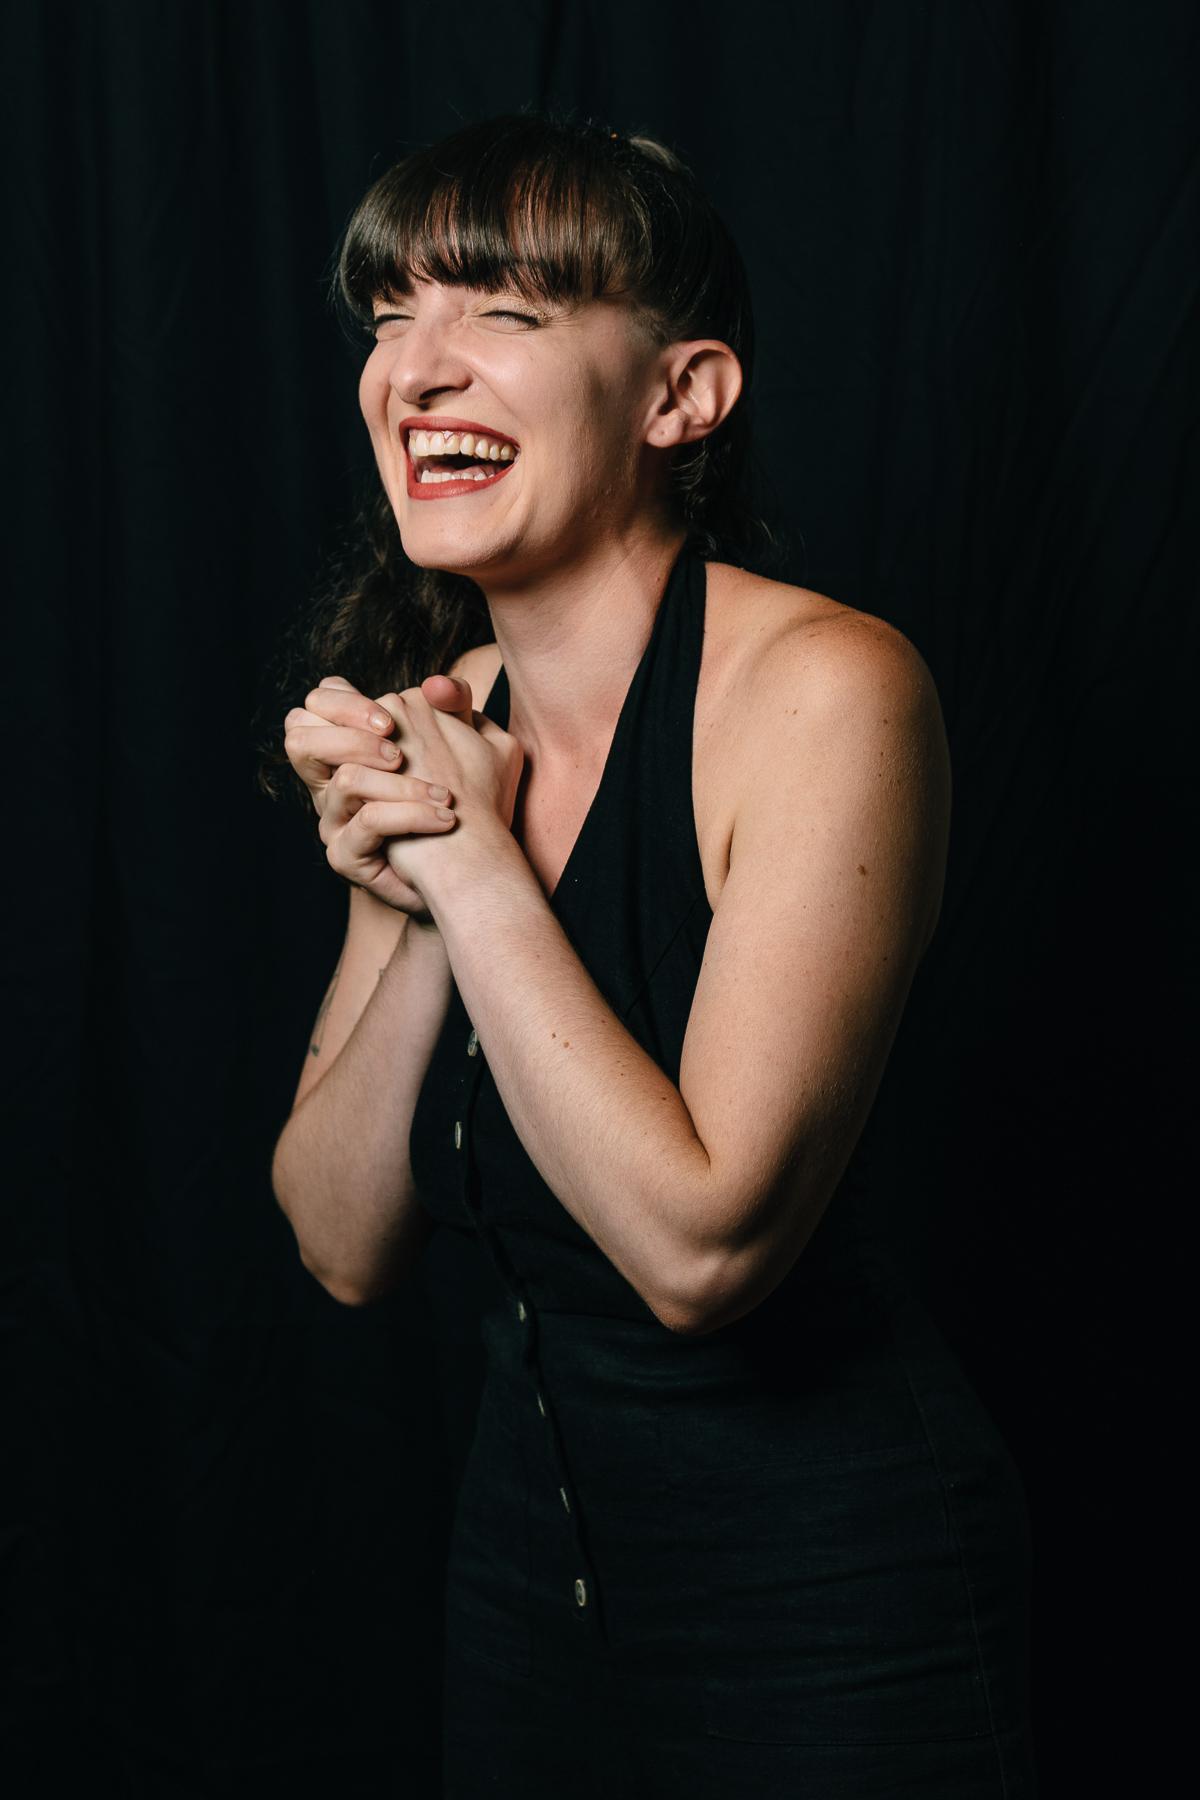 Naomi Washer